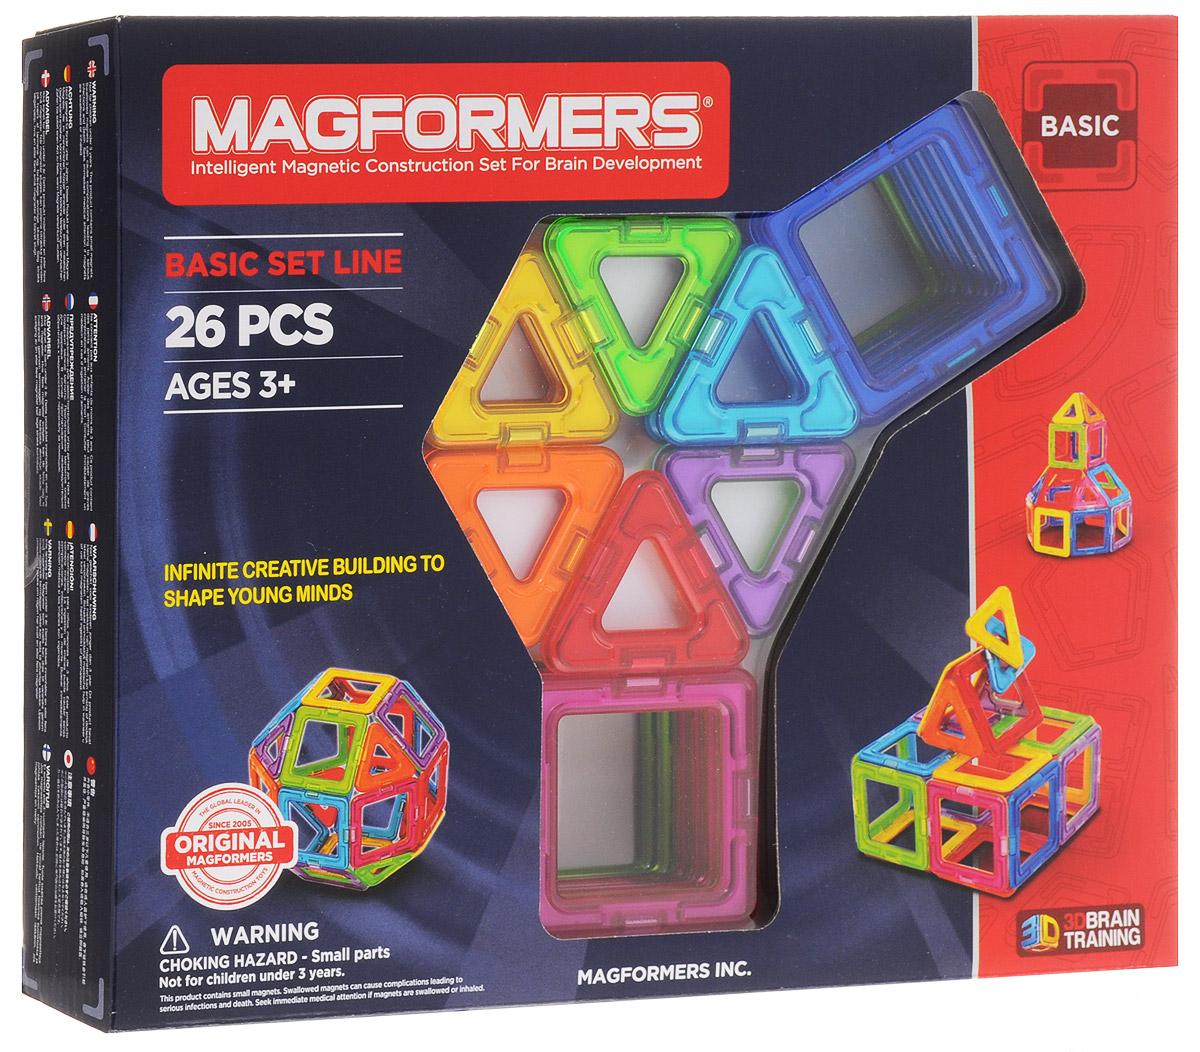 Magformers Магнитный конструктор Basic Set63087/701004 26Магнитный конструктор Magformers Basic Set позволит построить различные 3D модели из двух видов геометрических фигур - треугольников и квадратов разных цветов. Почувствуйте силу магнитного поля, исследуйте и экспериментируйте с многочисленными вариантами соединений деталей! Элементы конструктора Magformers окрашены в голубой цвет с одной стороны, и в синий - с другой. В комплекте 26 элементов: 8 треугольников и 18 квадратов.